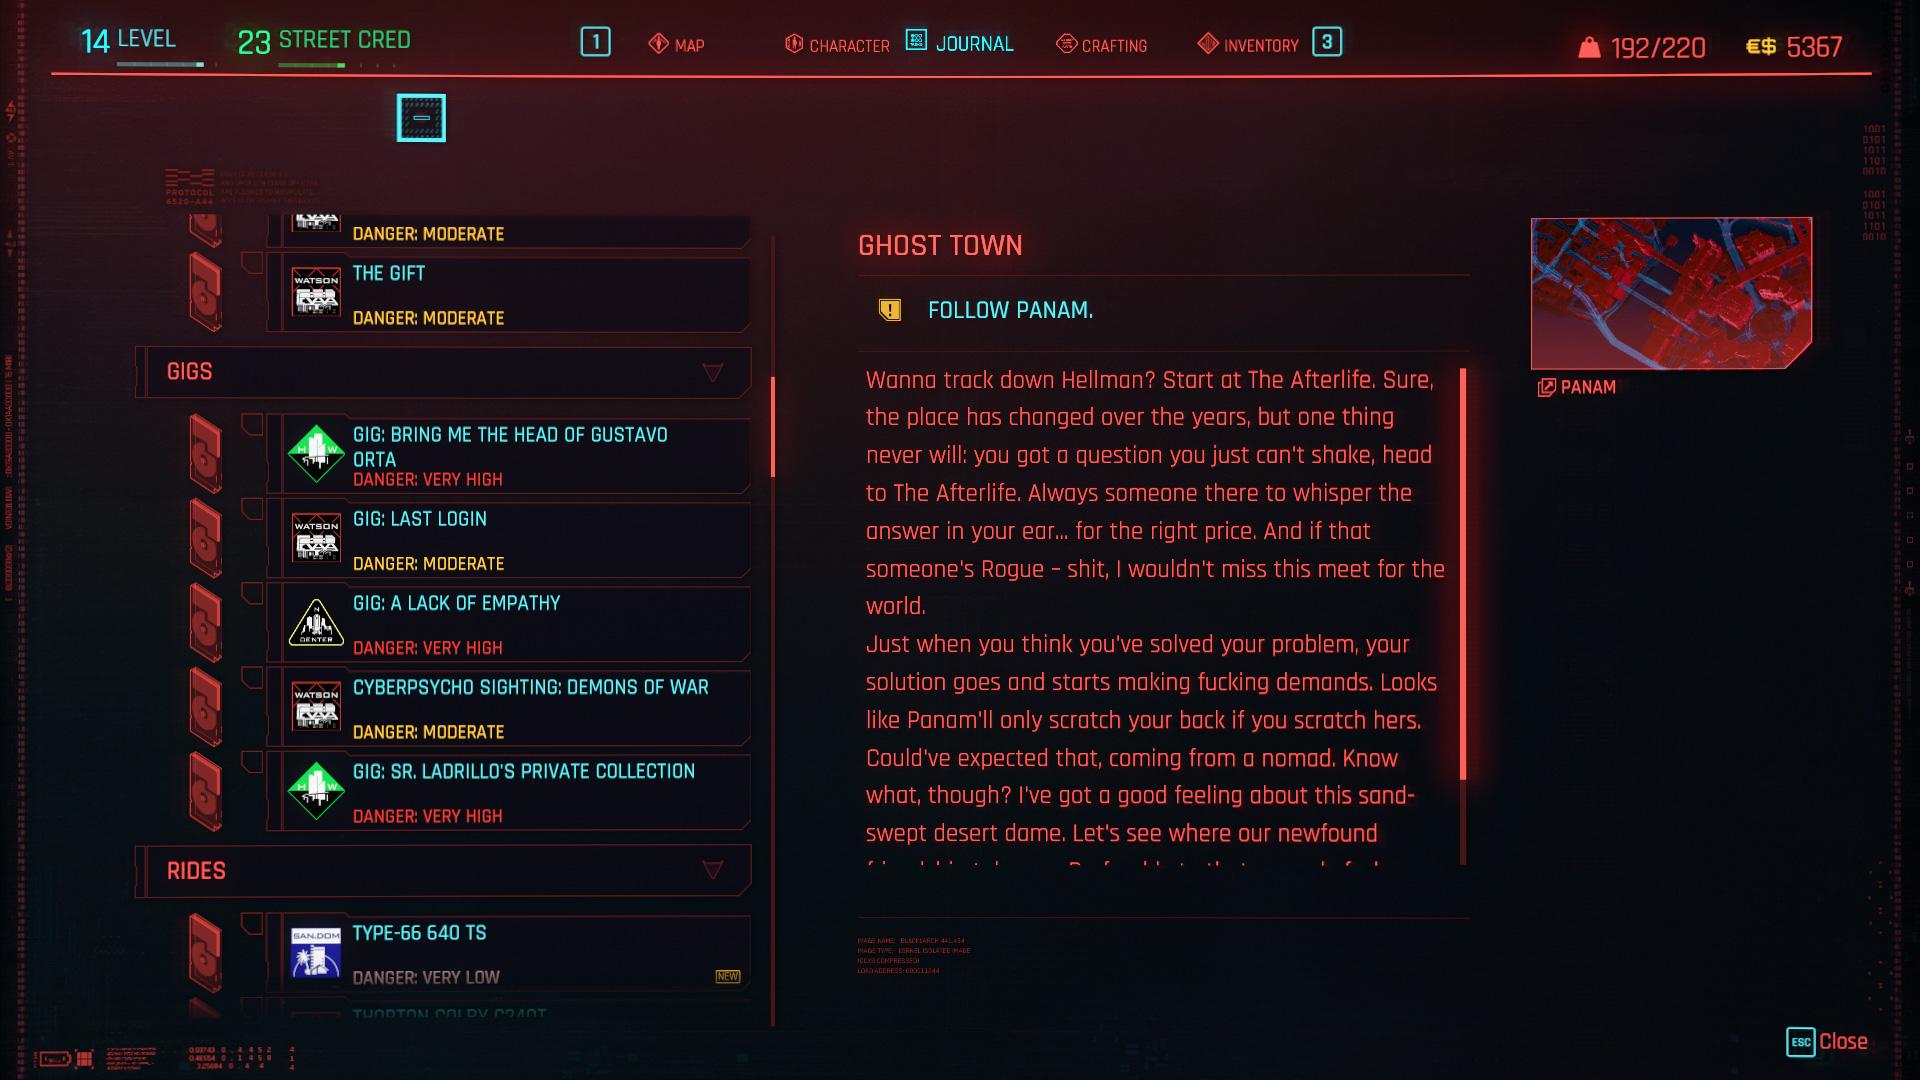 Meilleures façons de gagner de l'argent dans Cyberpunk 2077 - Side Gigs